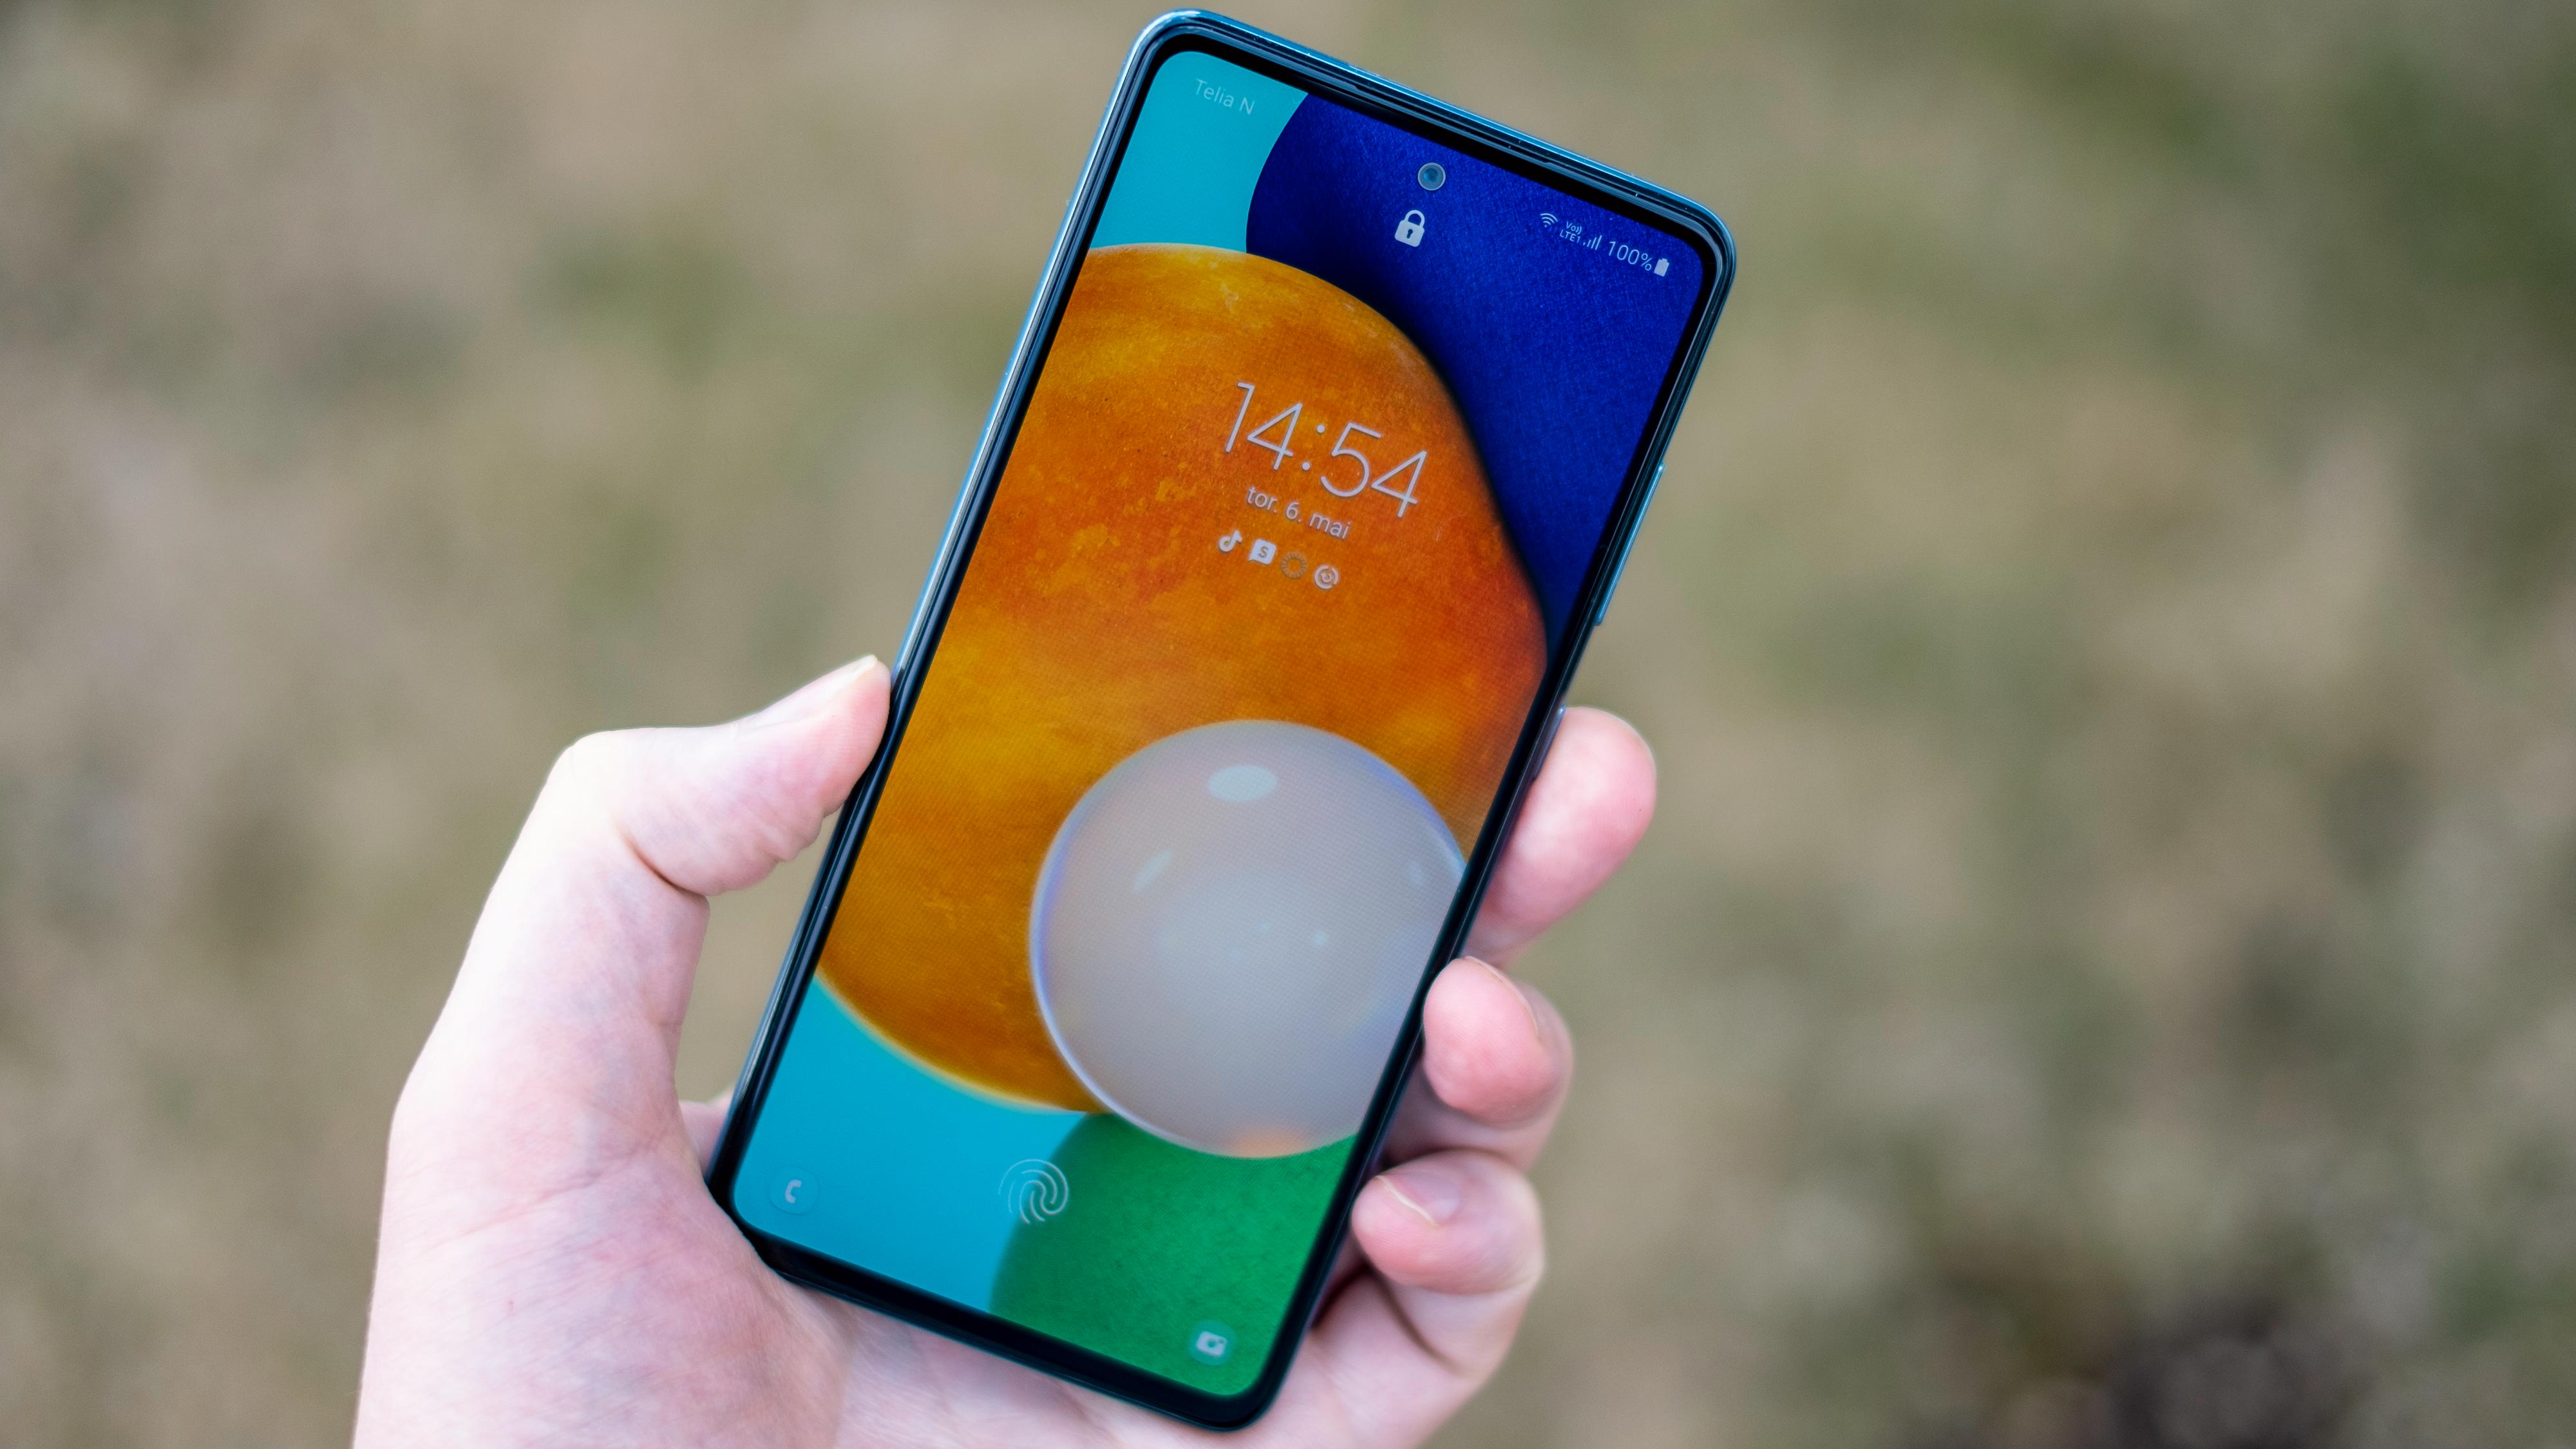 Fargesterk og fin - Samsung kan sine AMOLED-skjermer.